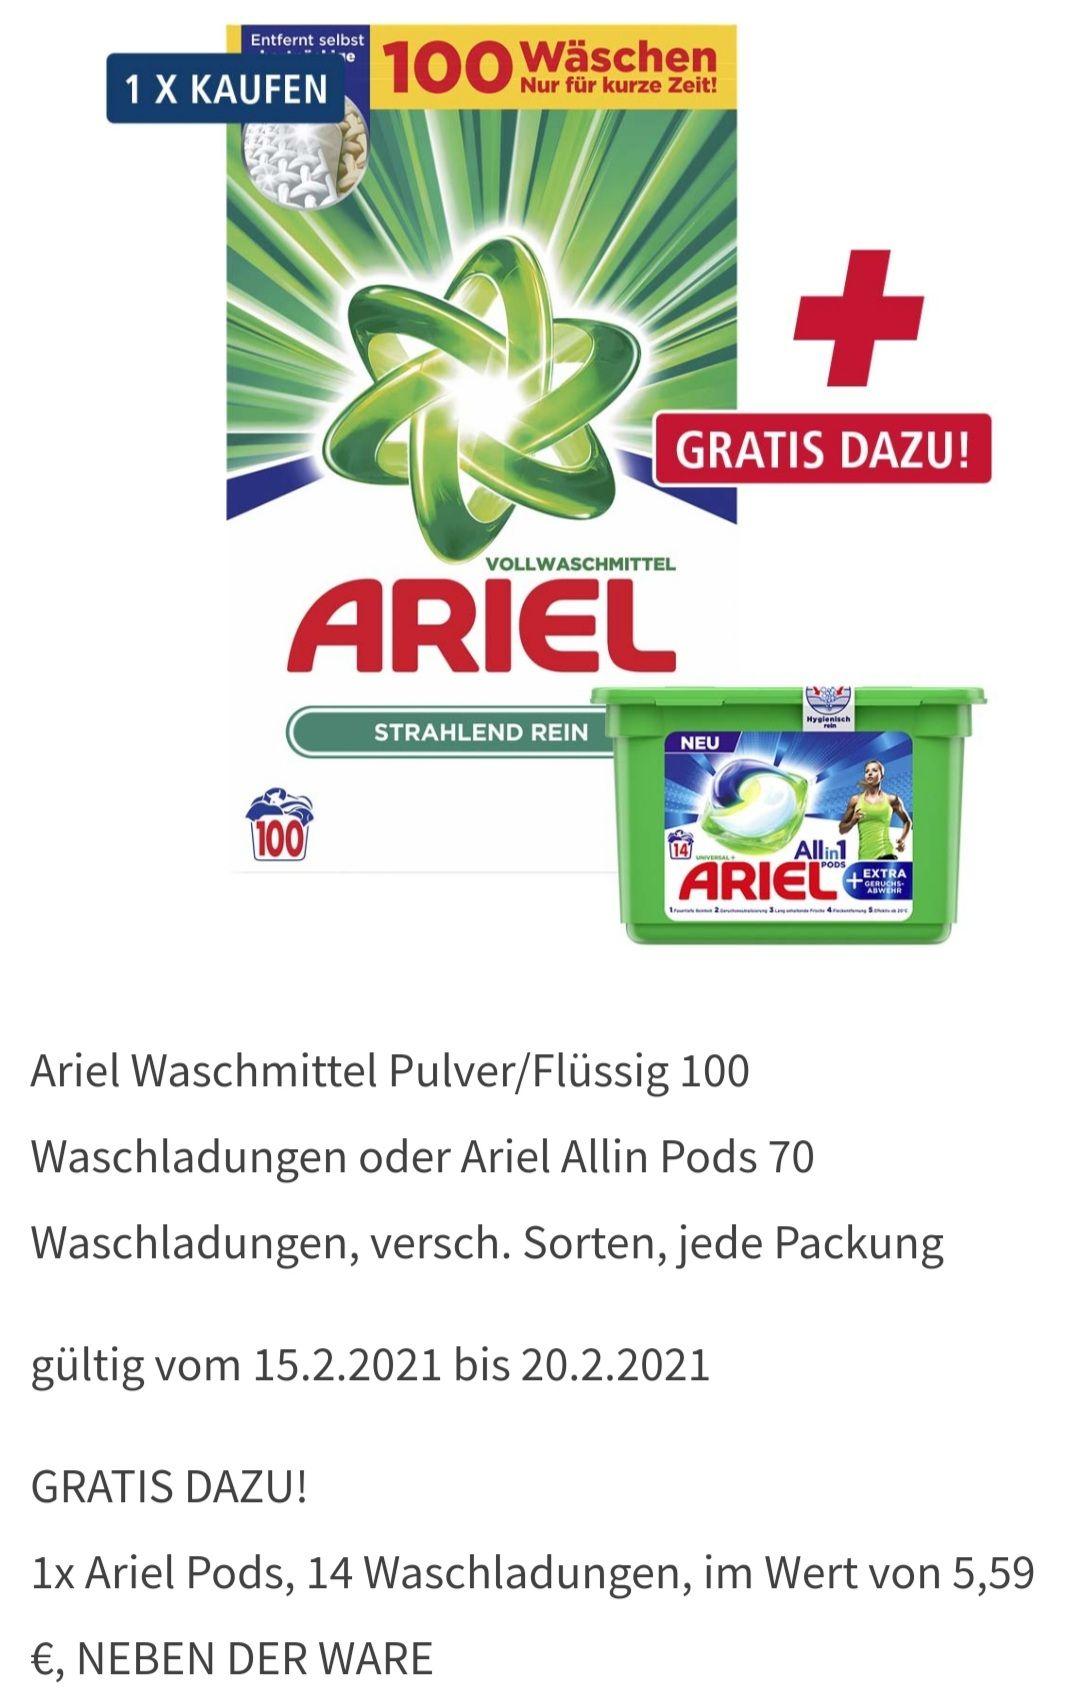 Ariel Waschmittel Pulver/Flüssig 100 Waschladungen oder Ariel Allin Pods 70 Waschladungen, versch. Sorten